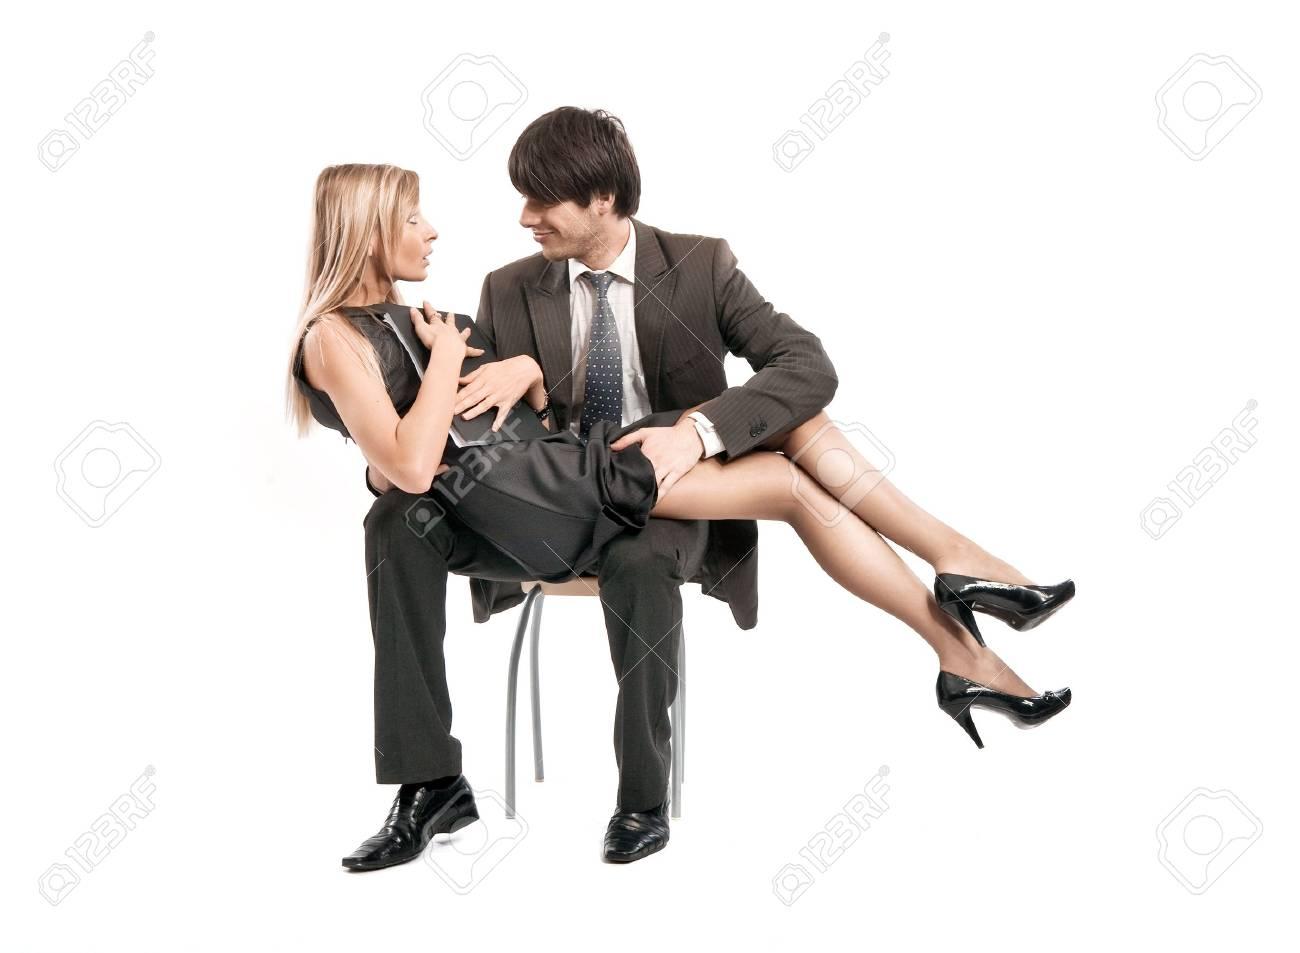 Секс игры бос и секретарша 9 фотография